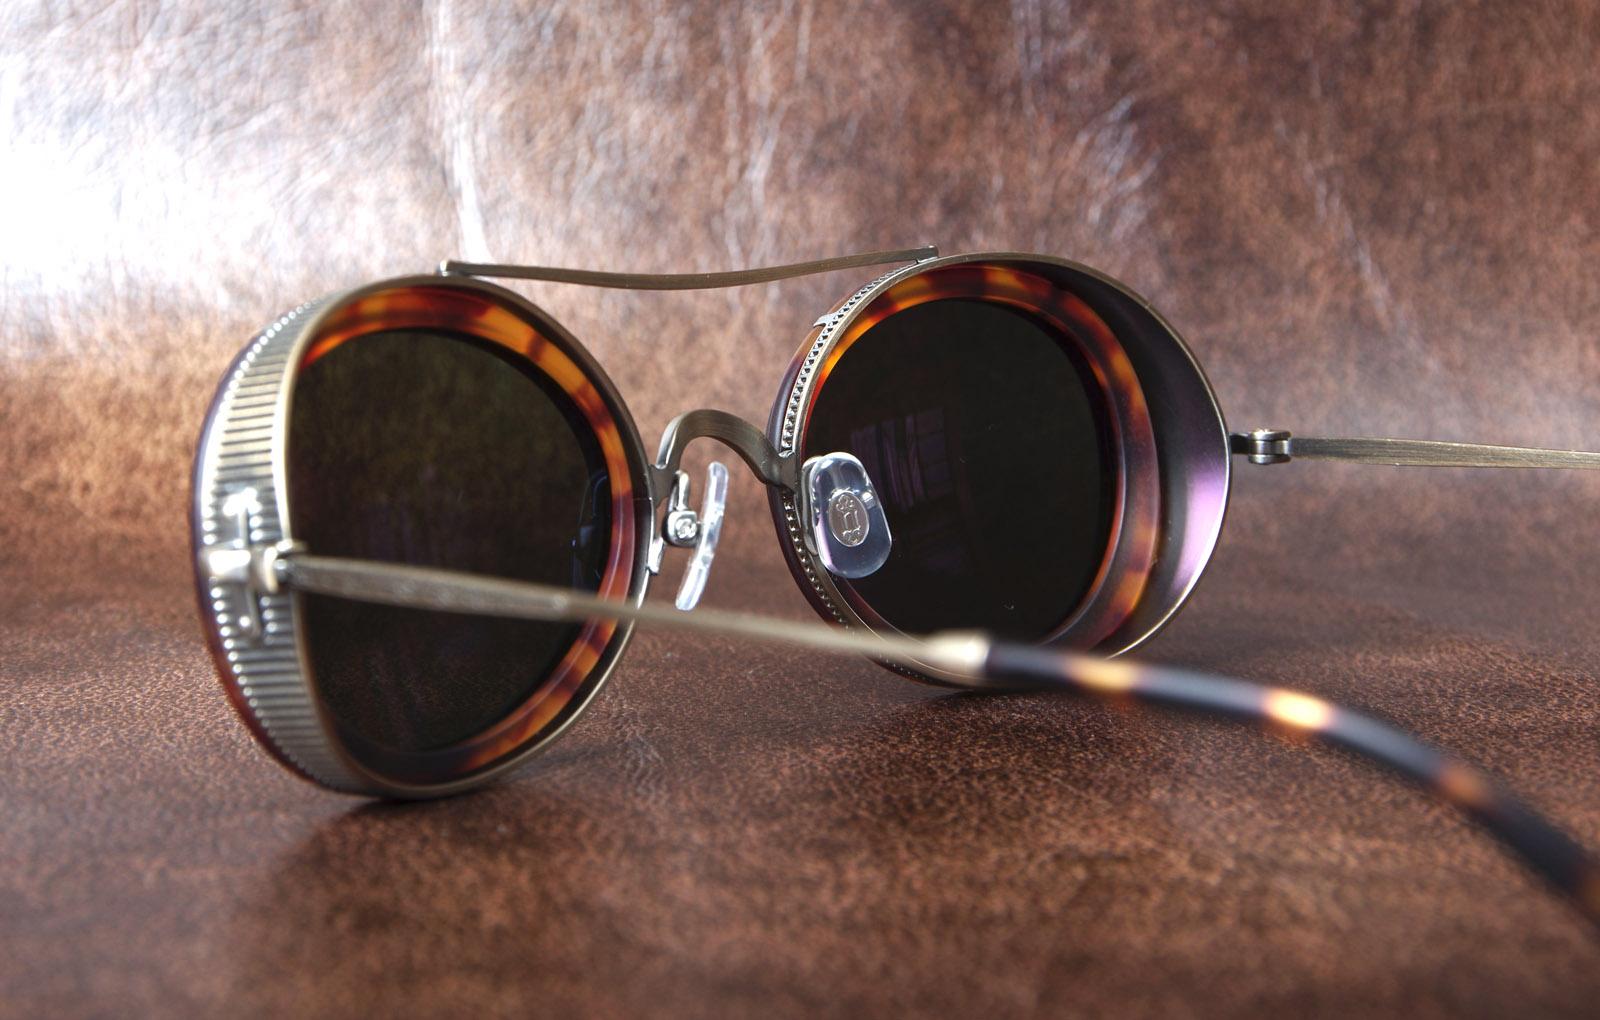 ... France Acheter en ligne les lunettes MATSUDA M2871, France, ... b9849d5d09d1